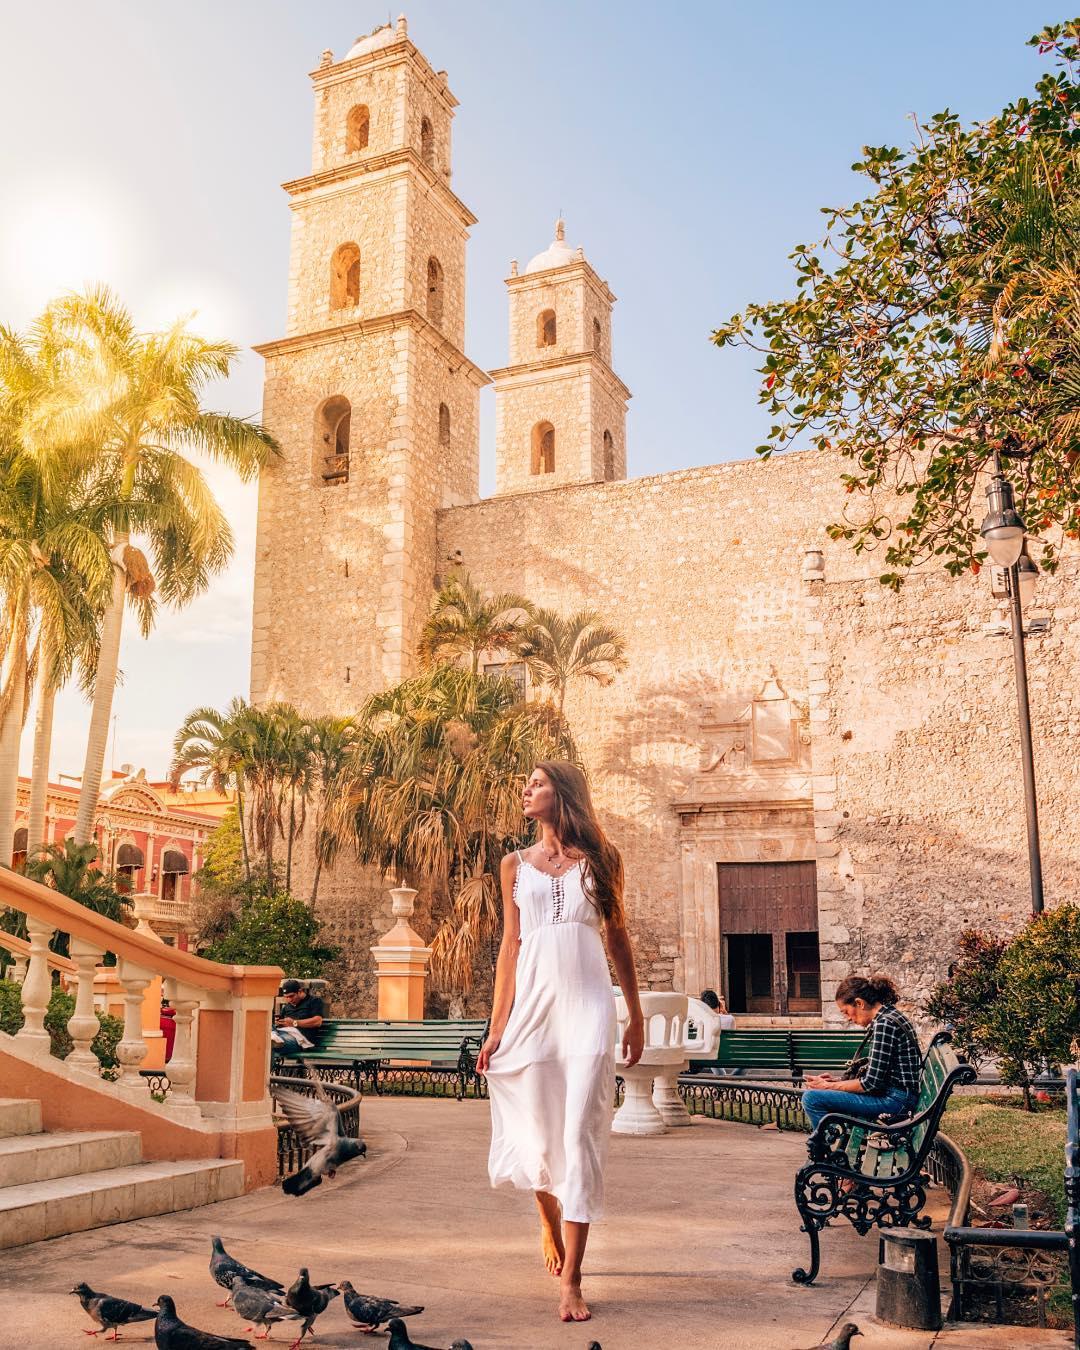 Parque hidalgo merida yucatan top yucatan instagram merida centro